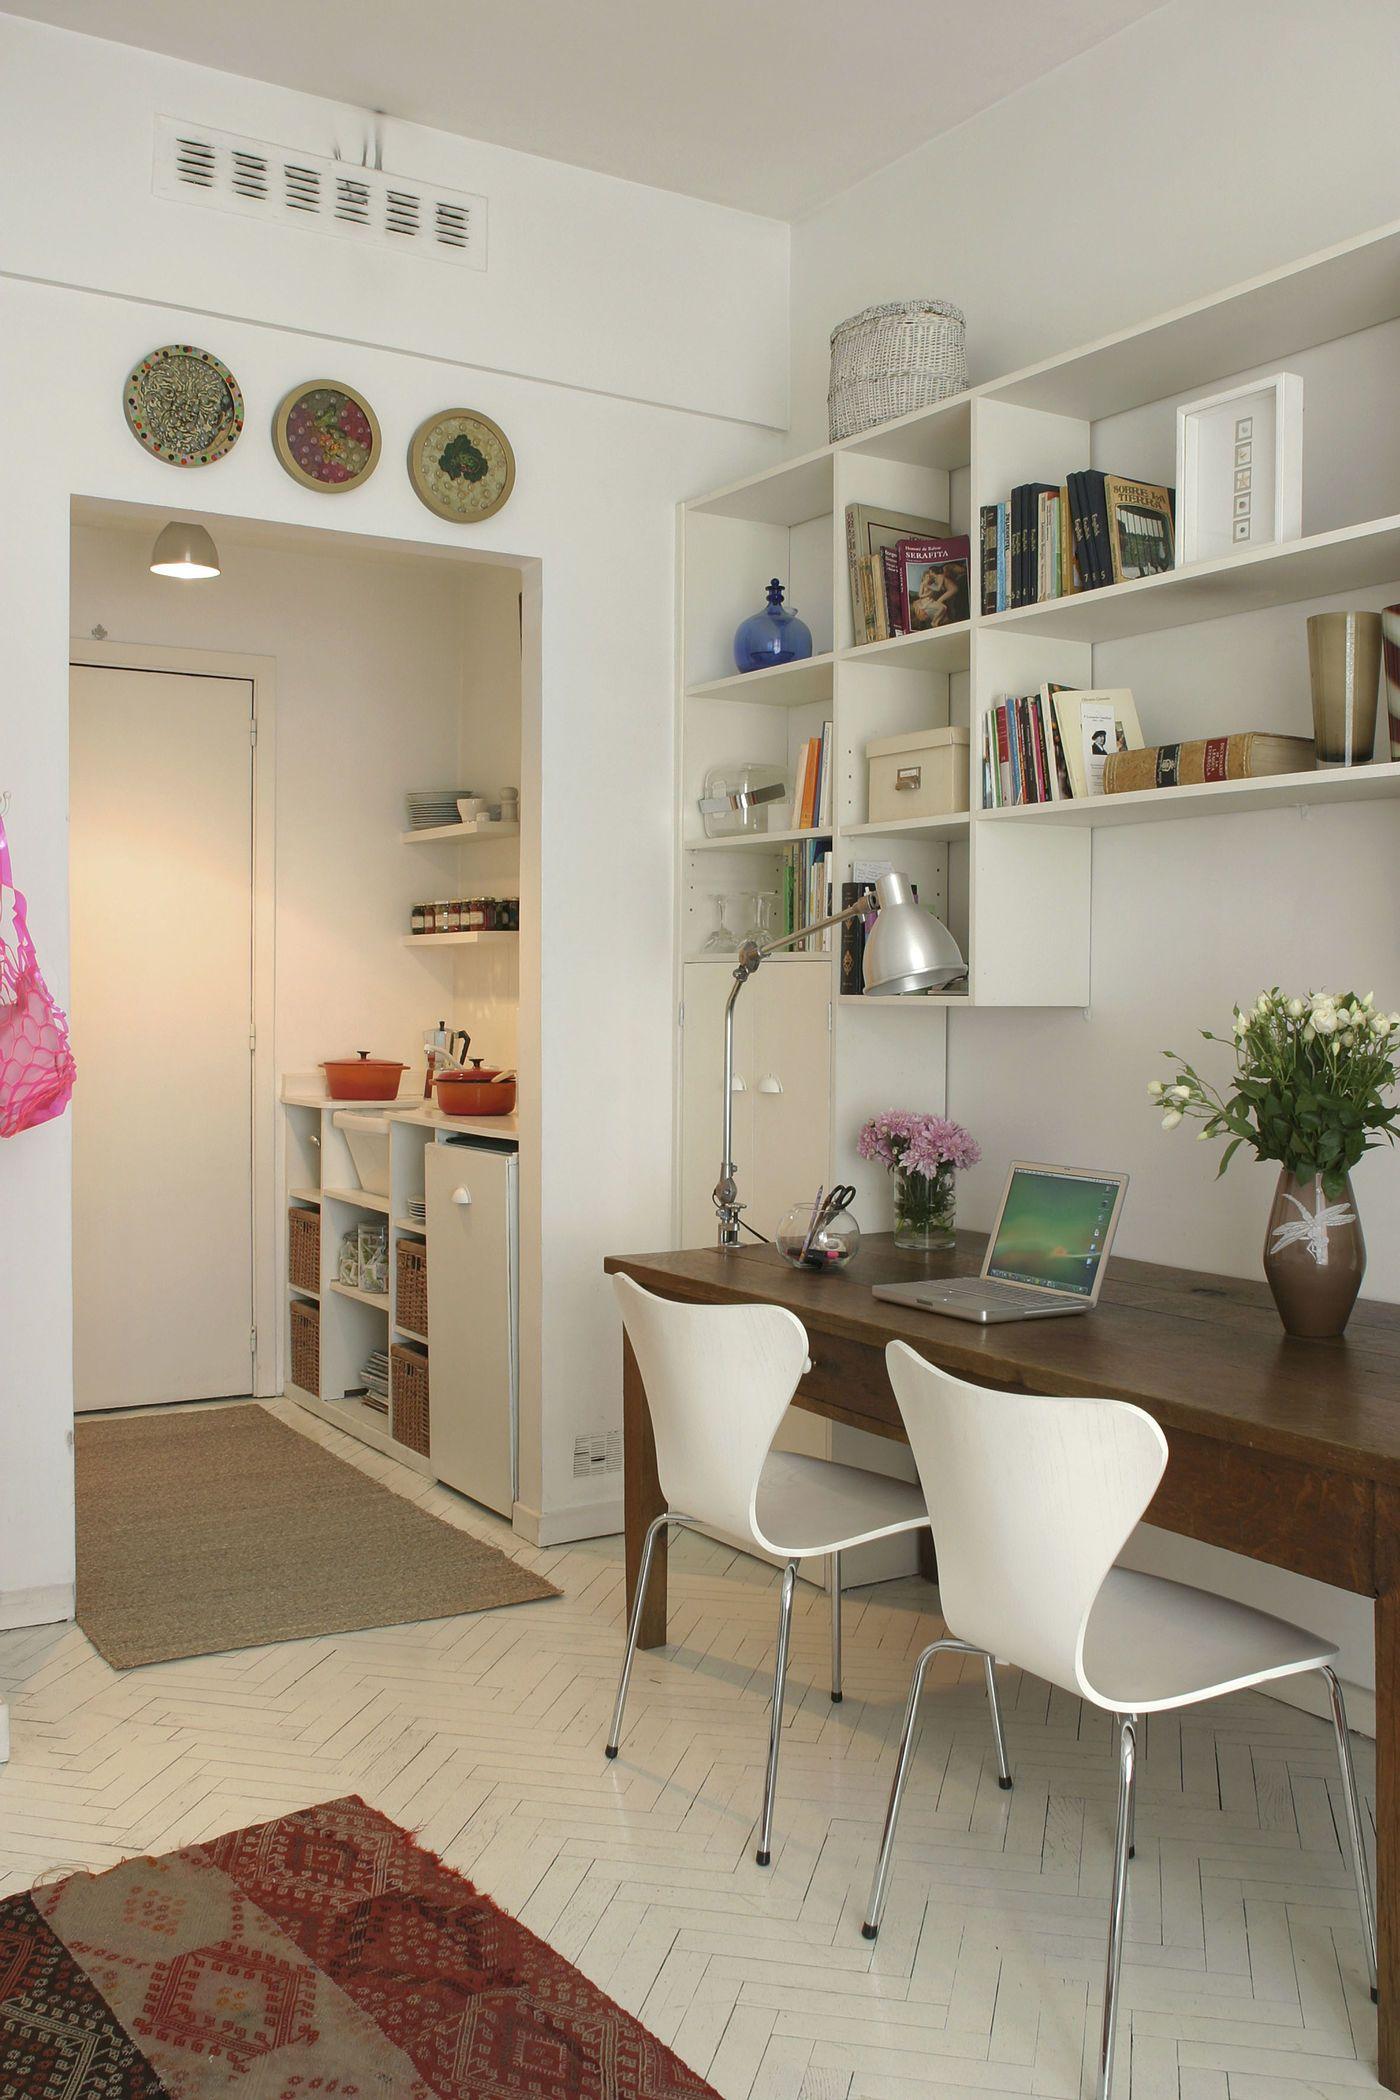 Kleine Räume einrichten: Ein Buchtipp. | SoLebIch.de